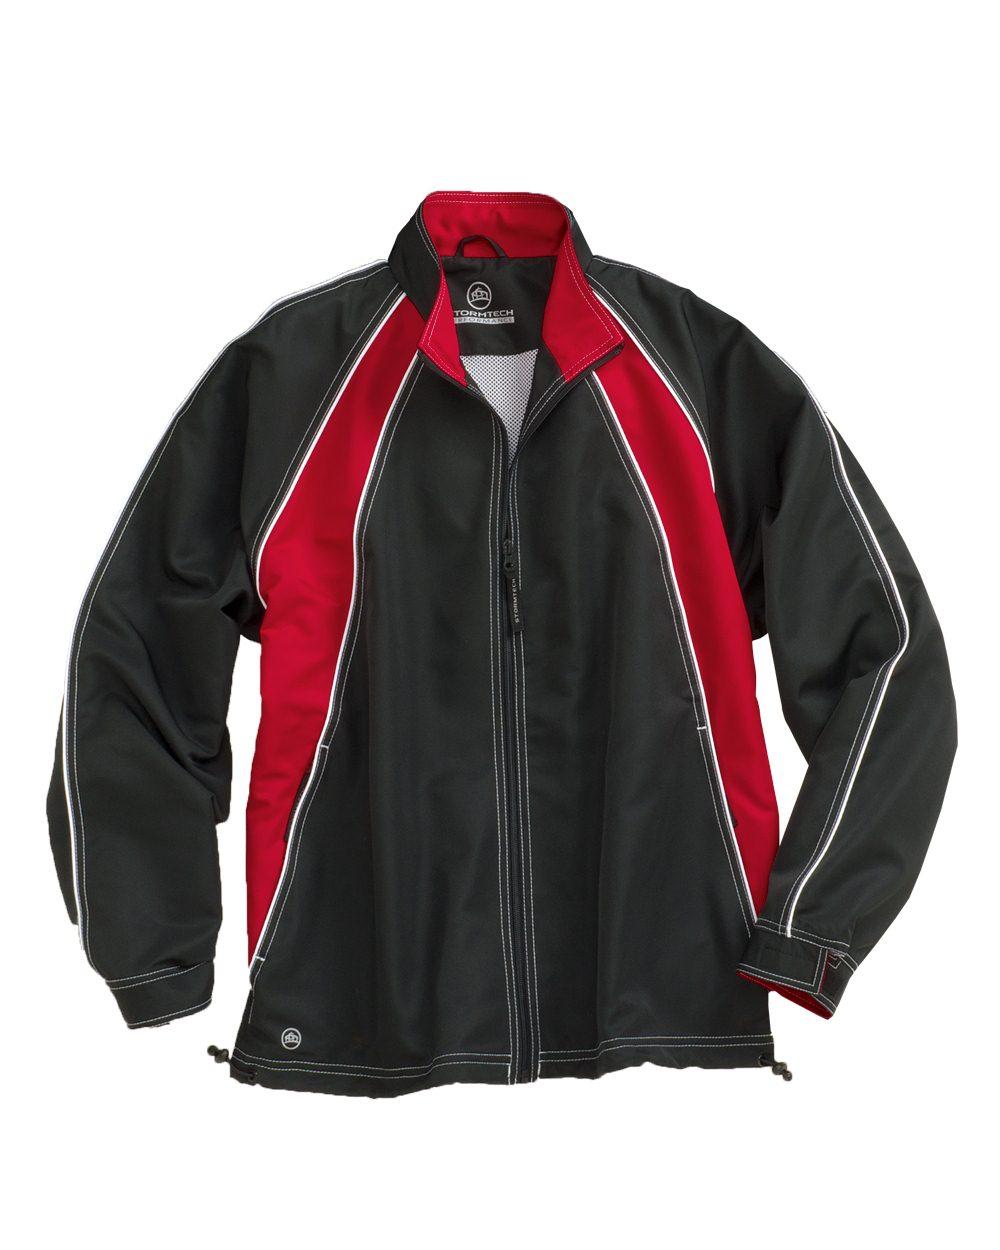 Stormtech D/W/R Blaze Athletic Twill Jacket - STXJ-1